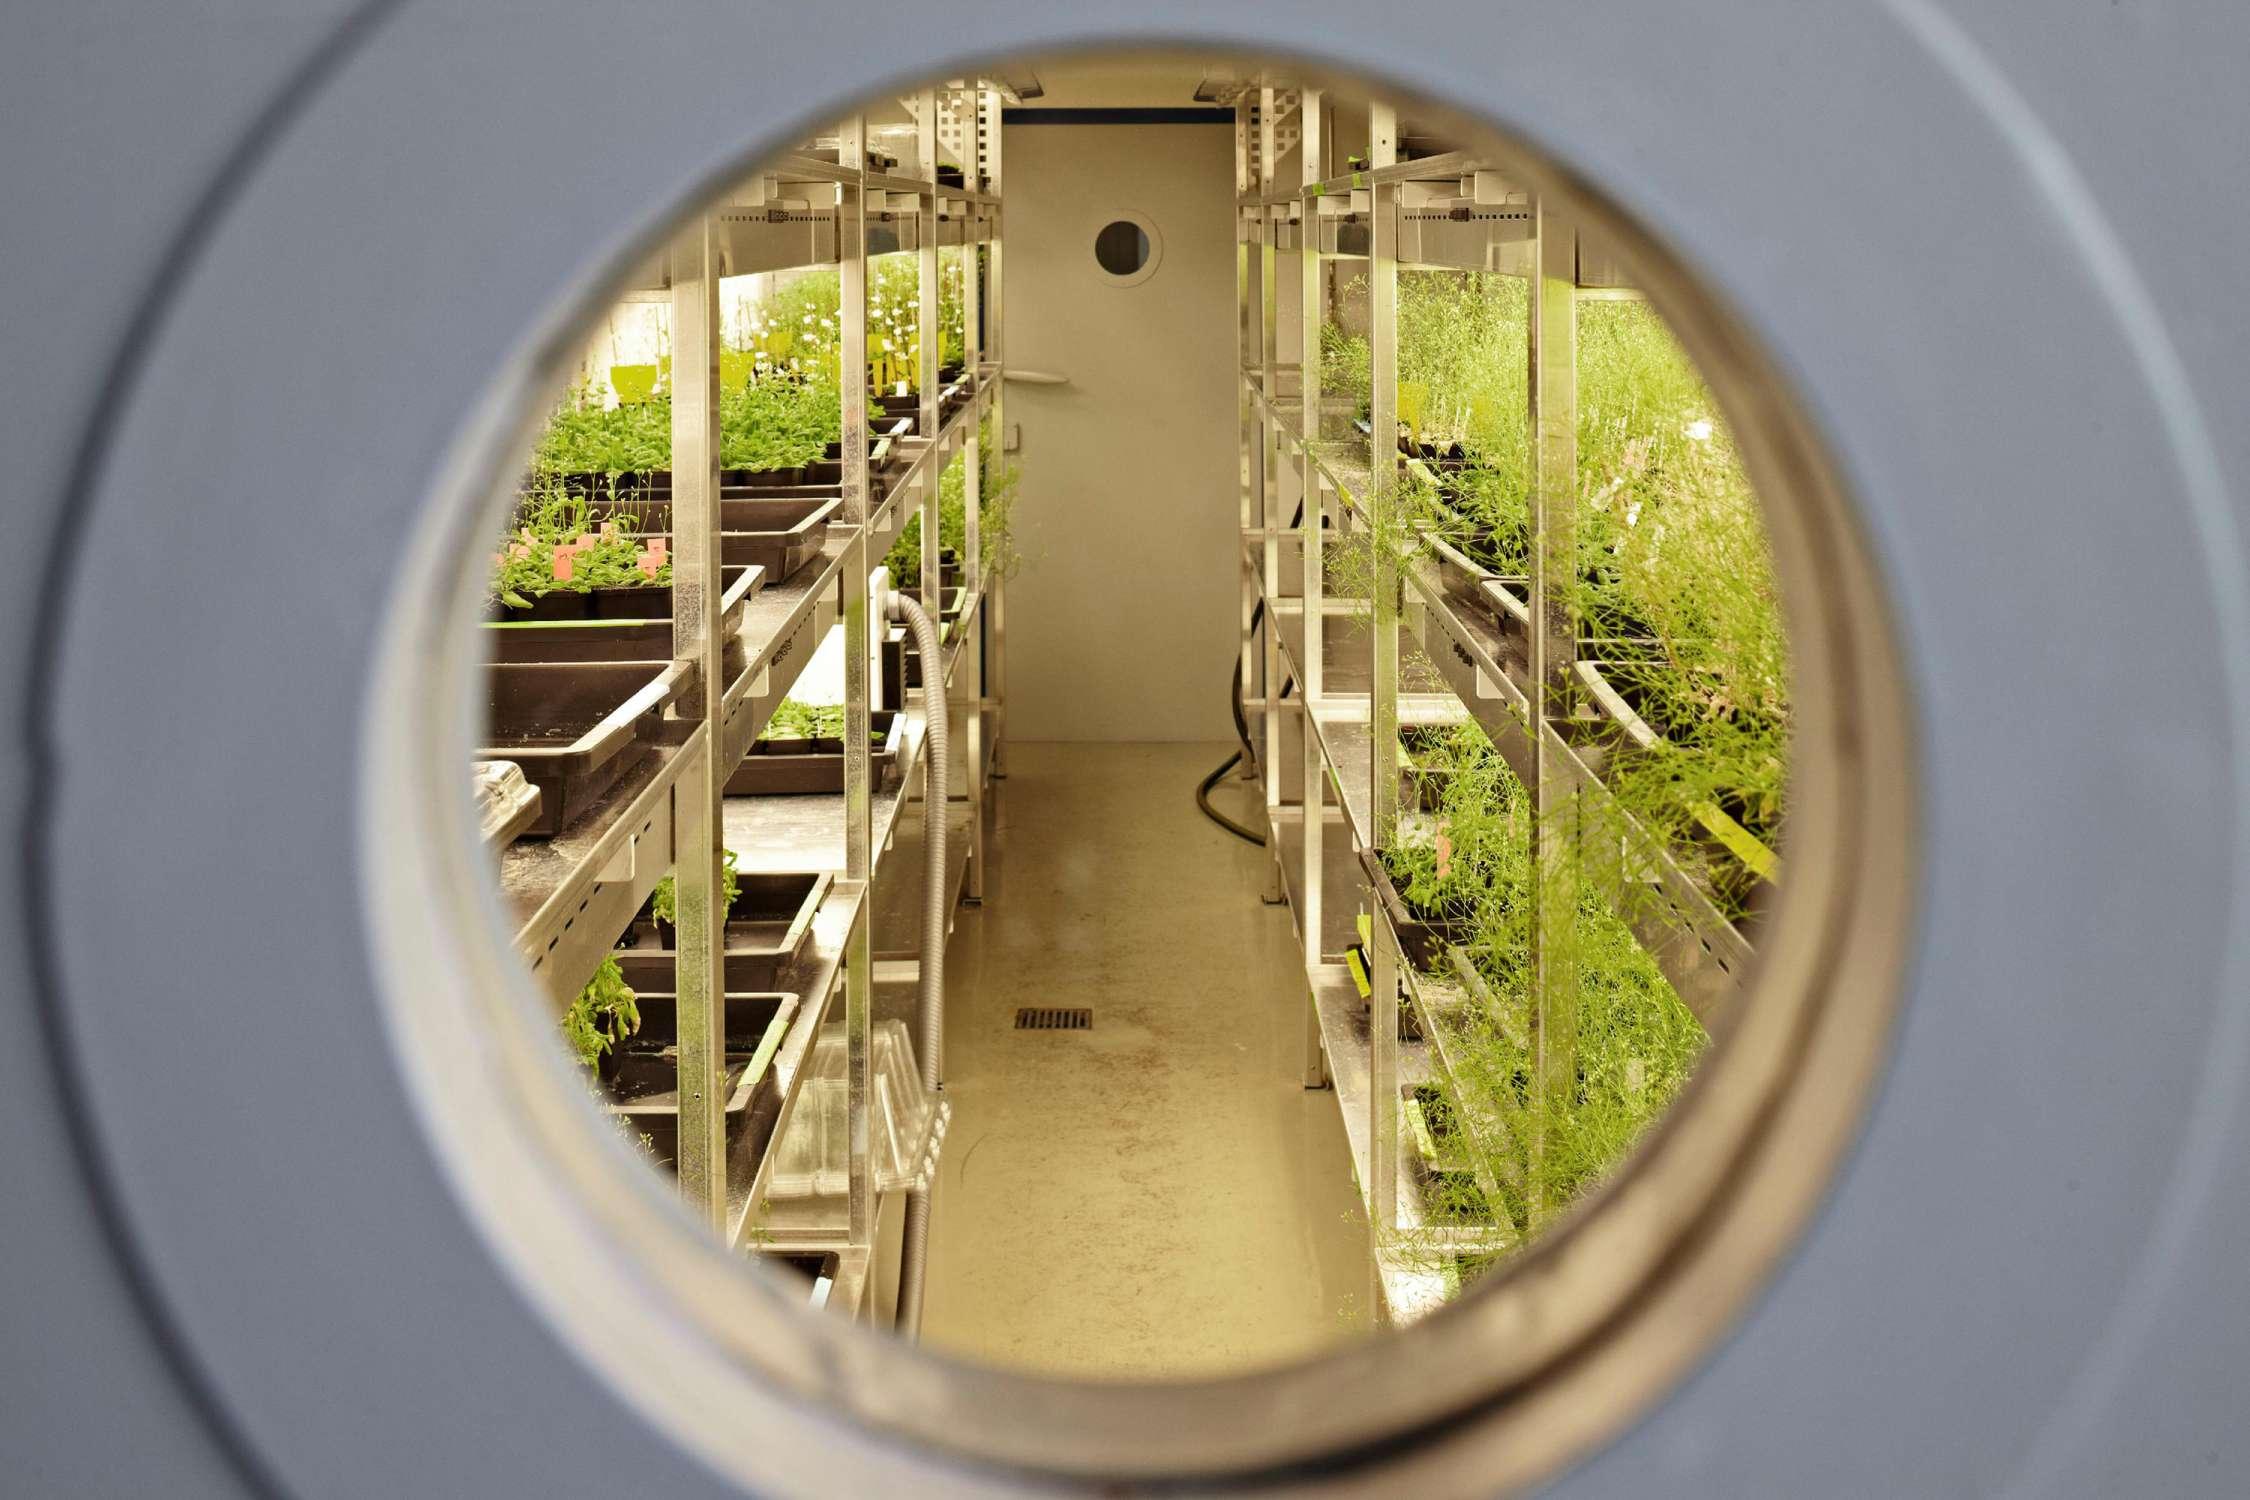 Laborräume mit Pflanzenwuchskammern (3)